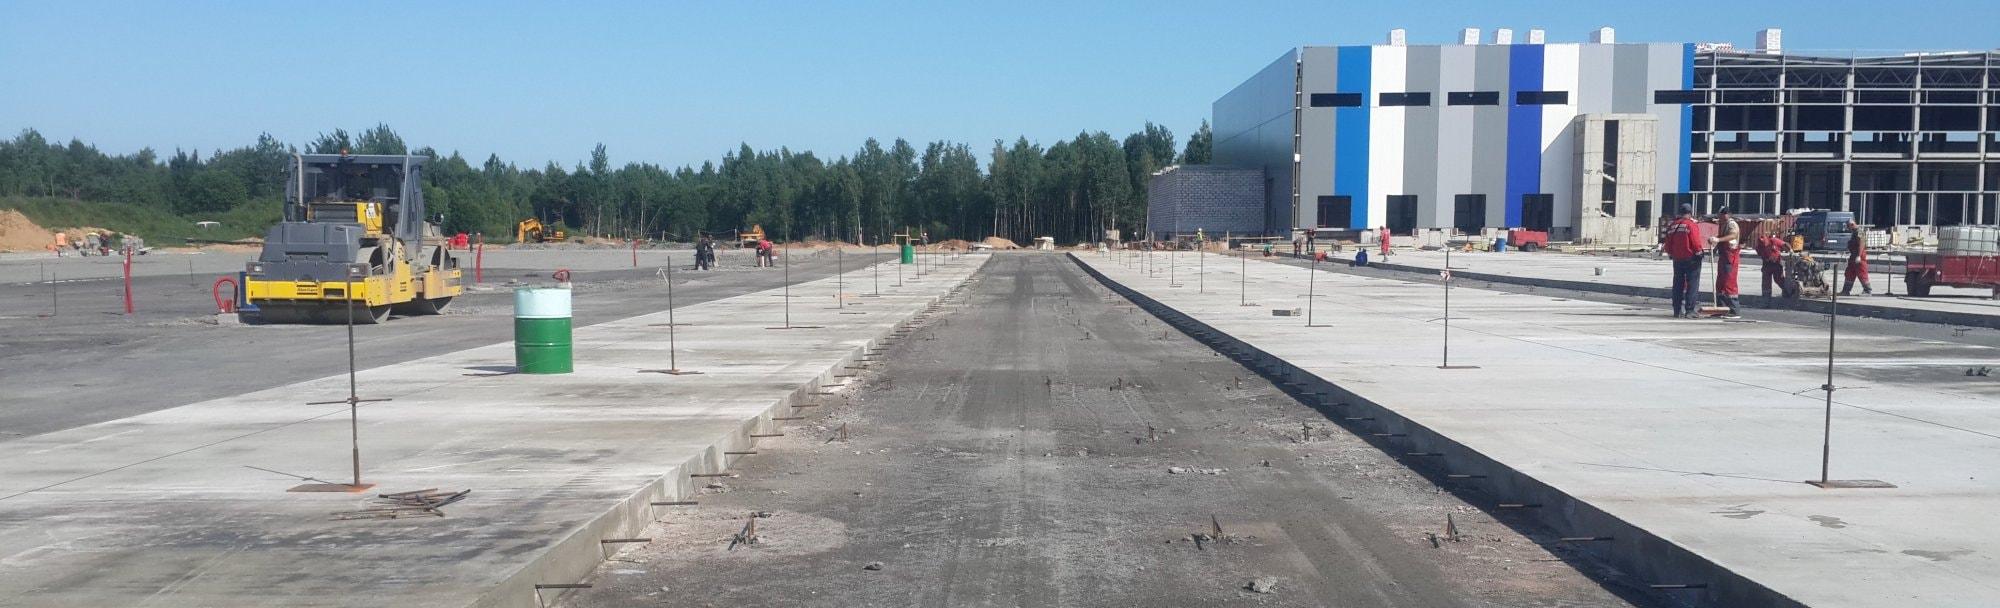 Пос бетон бетон м200 уфа